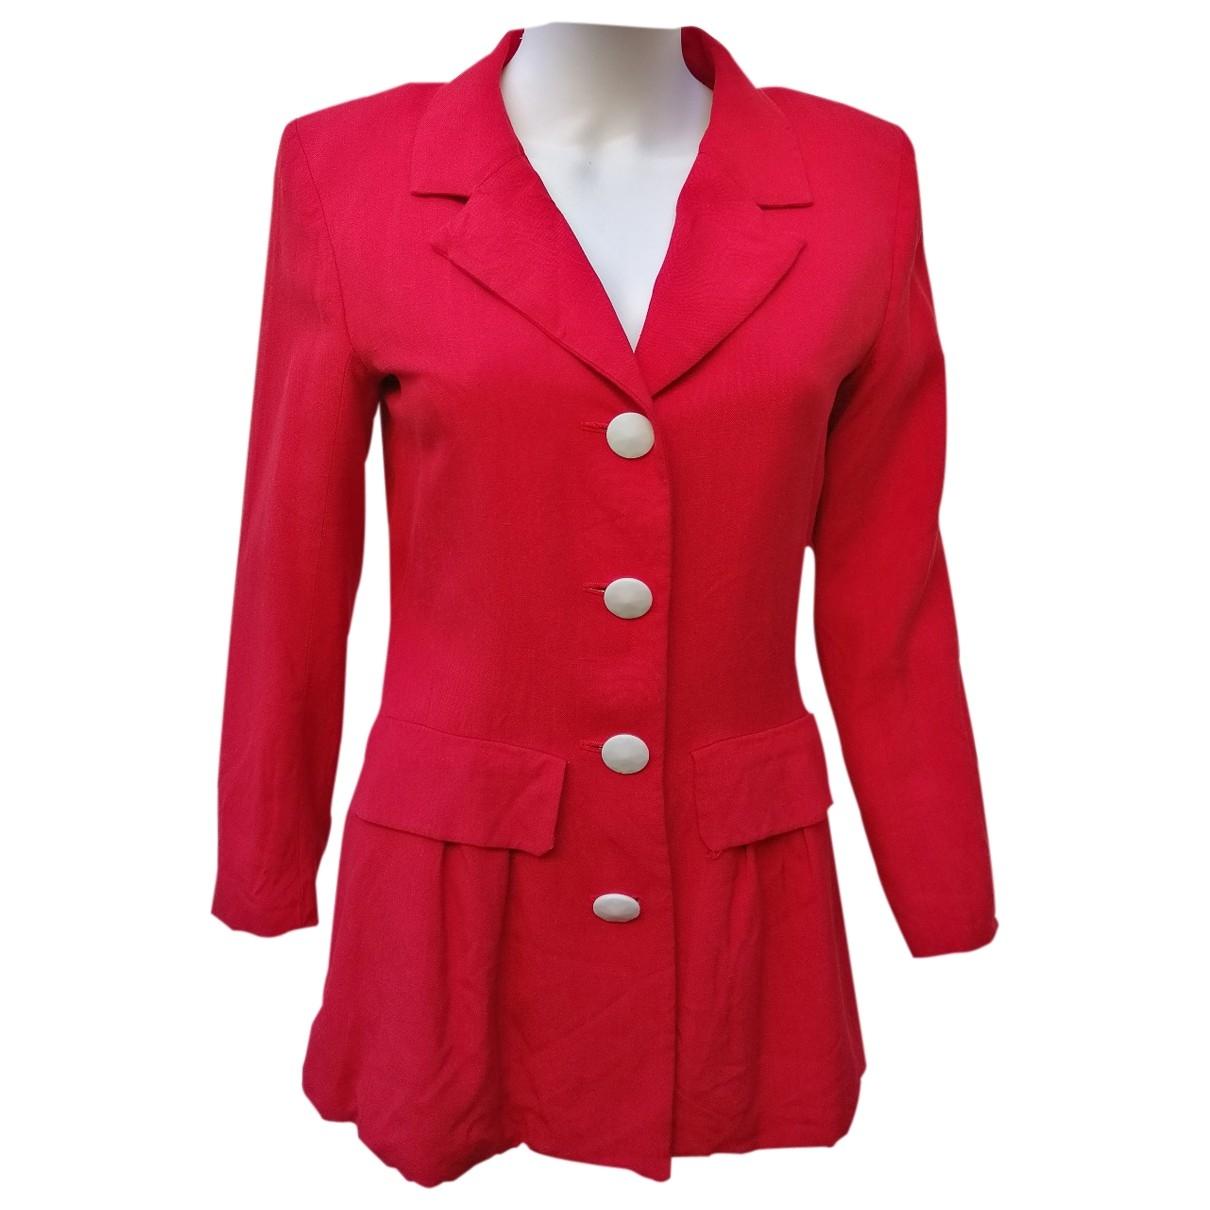 Yves Saint Laurent \N Red jacket for Women 40 FR